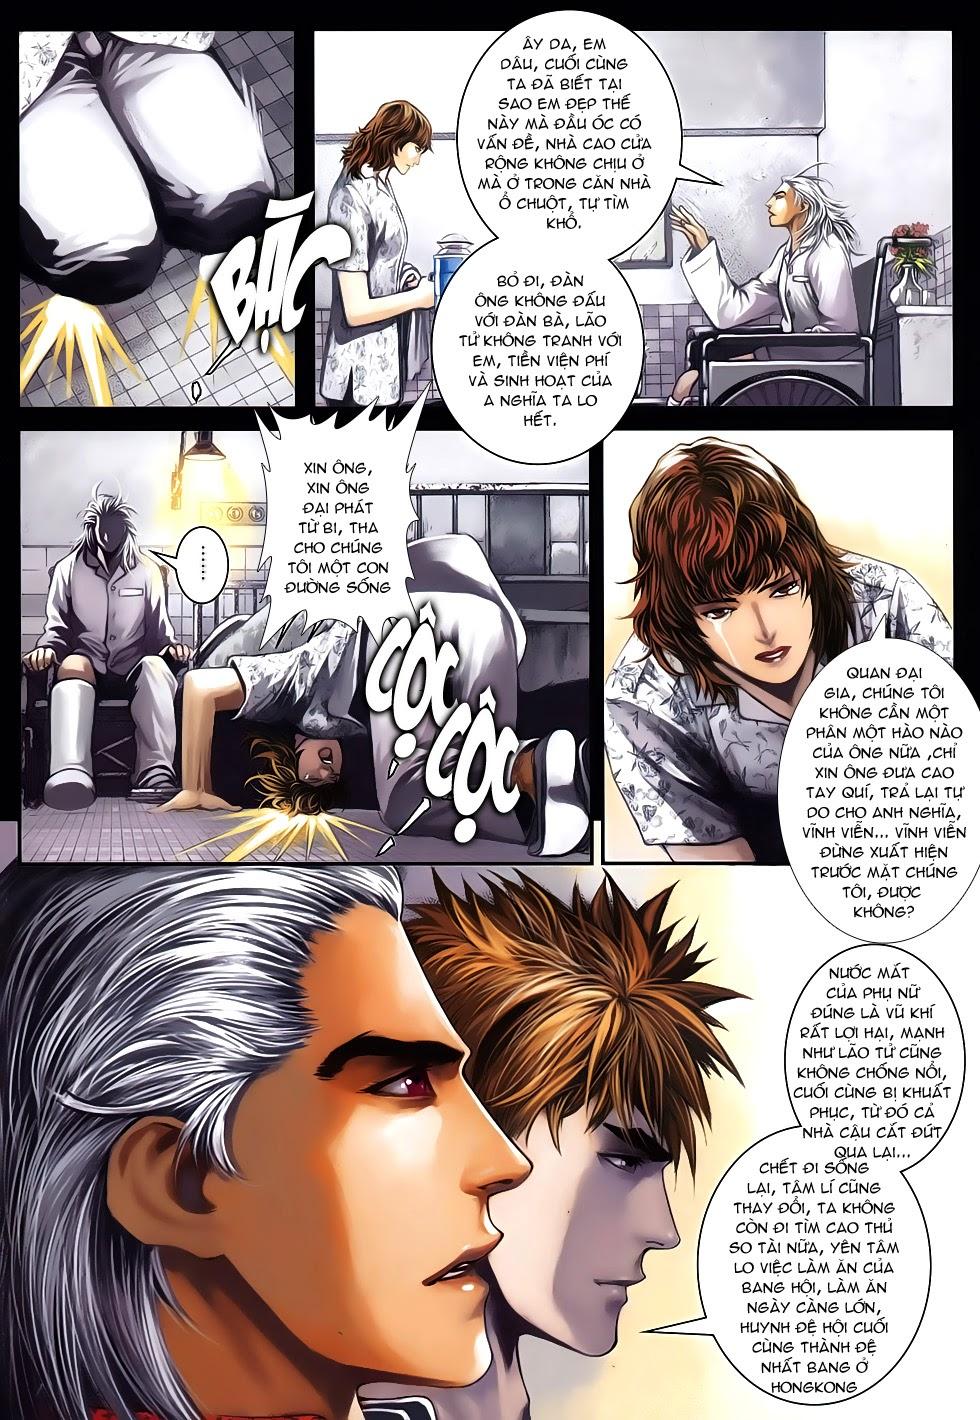 Quyền Đạo chapter 12 - end trang 4